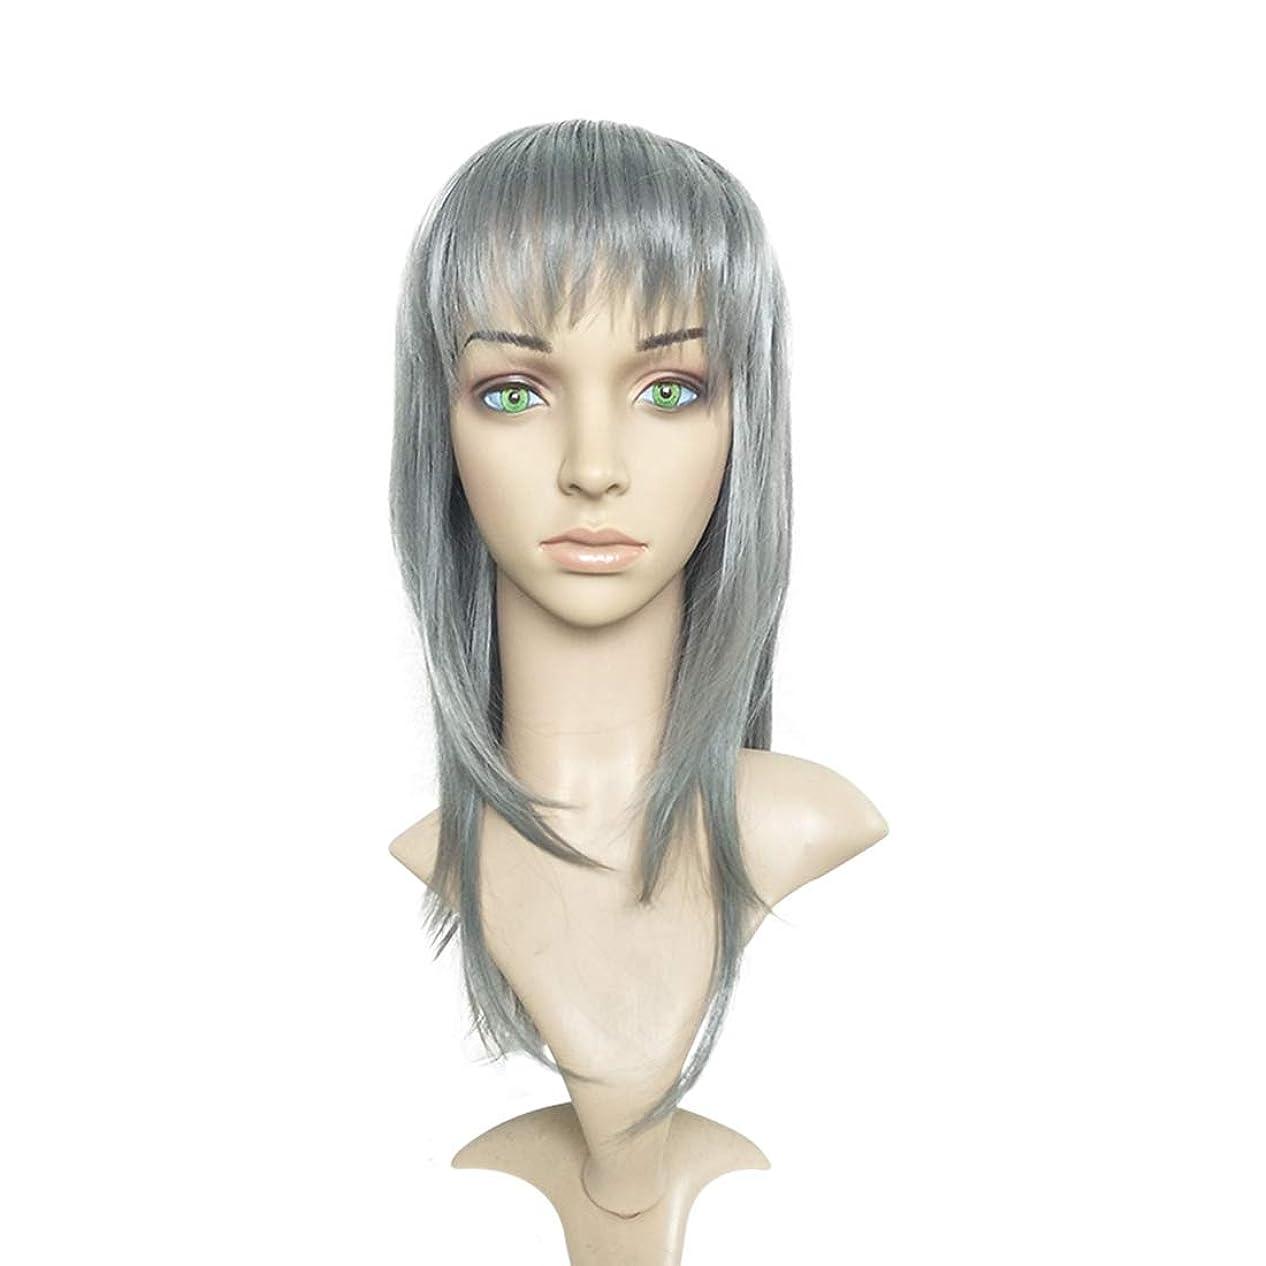 シャープメッシュウィンクBOBIDYEE シルバーグレープローグンウィッグストレートヘアかつらヨーロッパとアメリカのパーティー用のかつら合成かつらレースかつらロールプレイングかつら (色 : Silver gray)